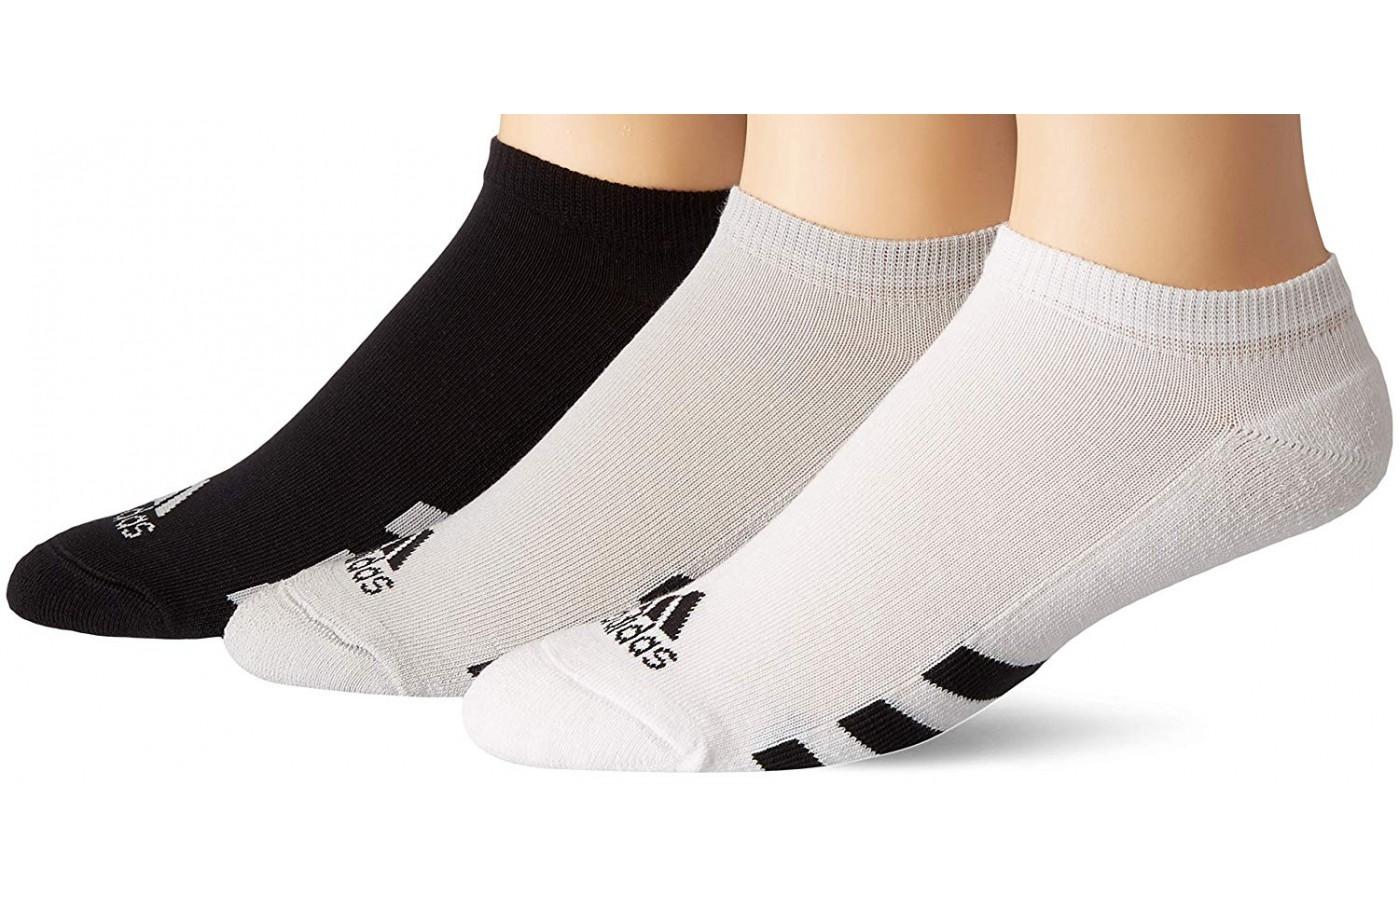 AdidasGolfB&W